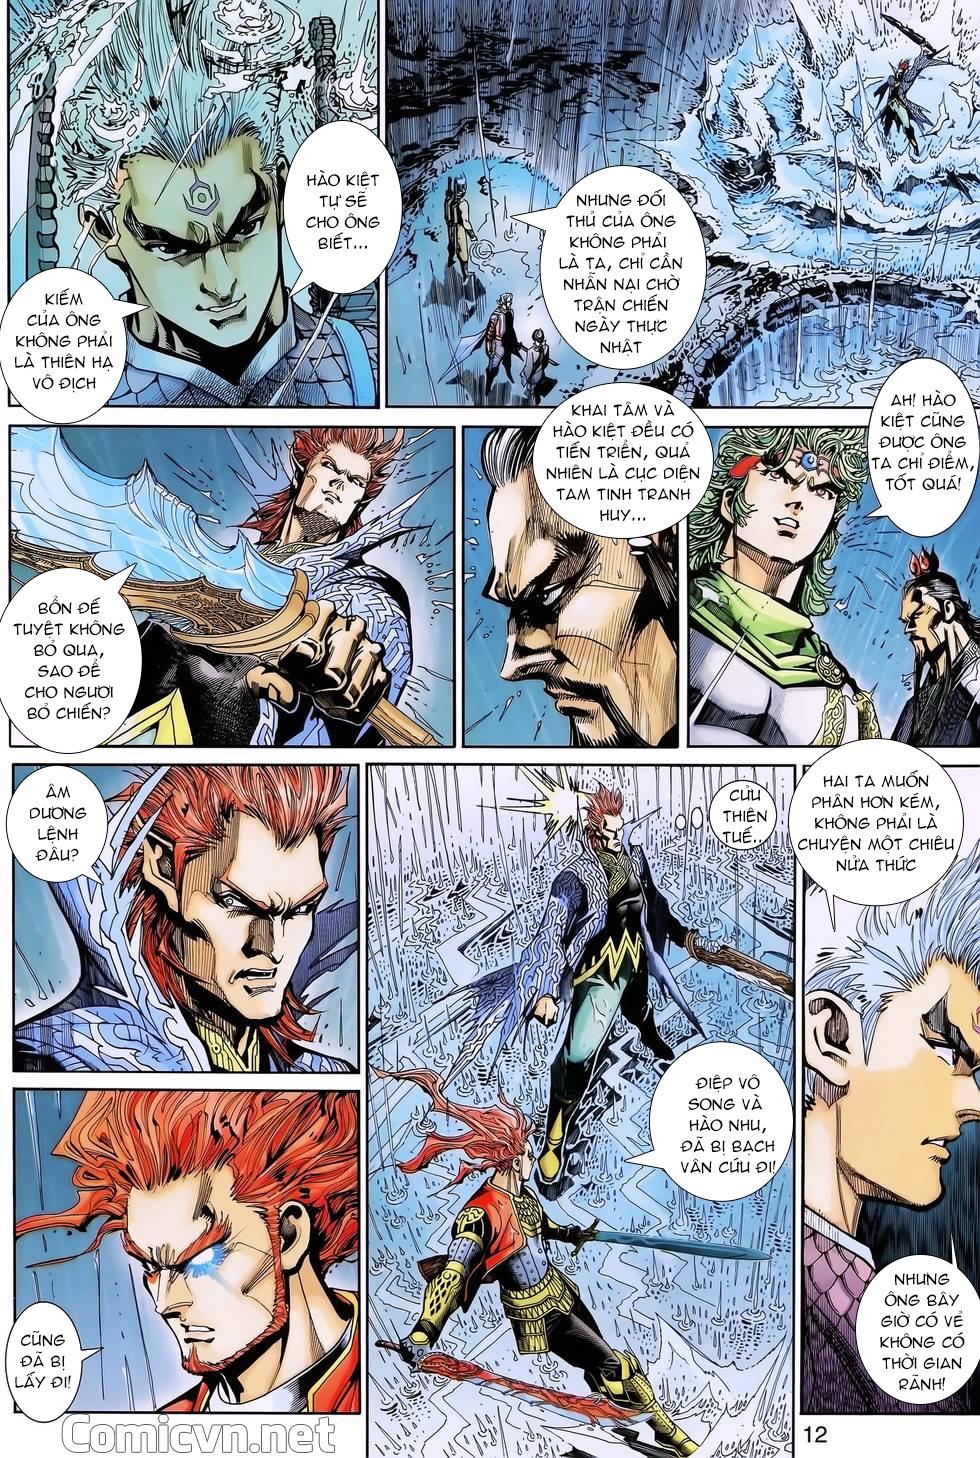 Thần binh huyền kỳ 3 - 3.5 tập 146 - 10